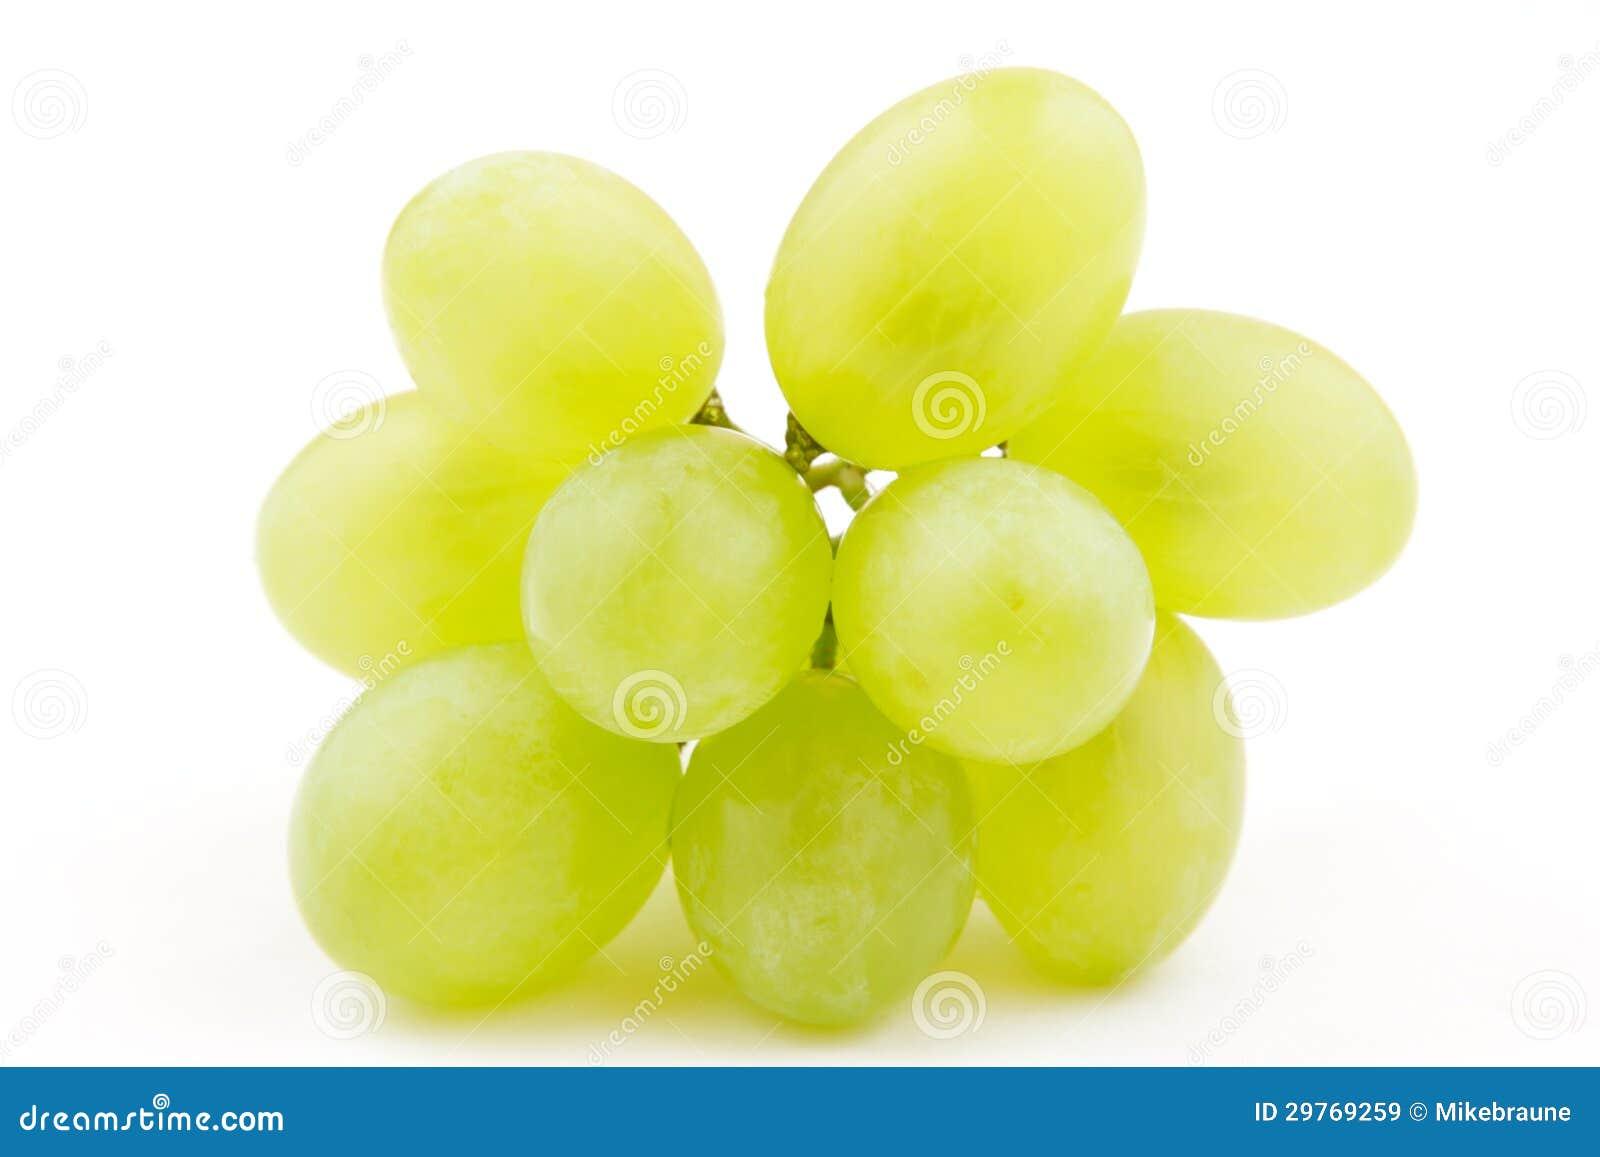 Mazzo di uva bianca muscat bianco isolato immagini stock for Disegni del mazzo del cortile anteriore